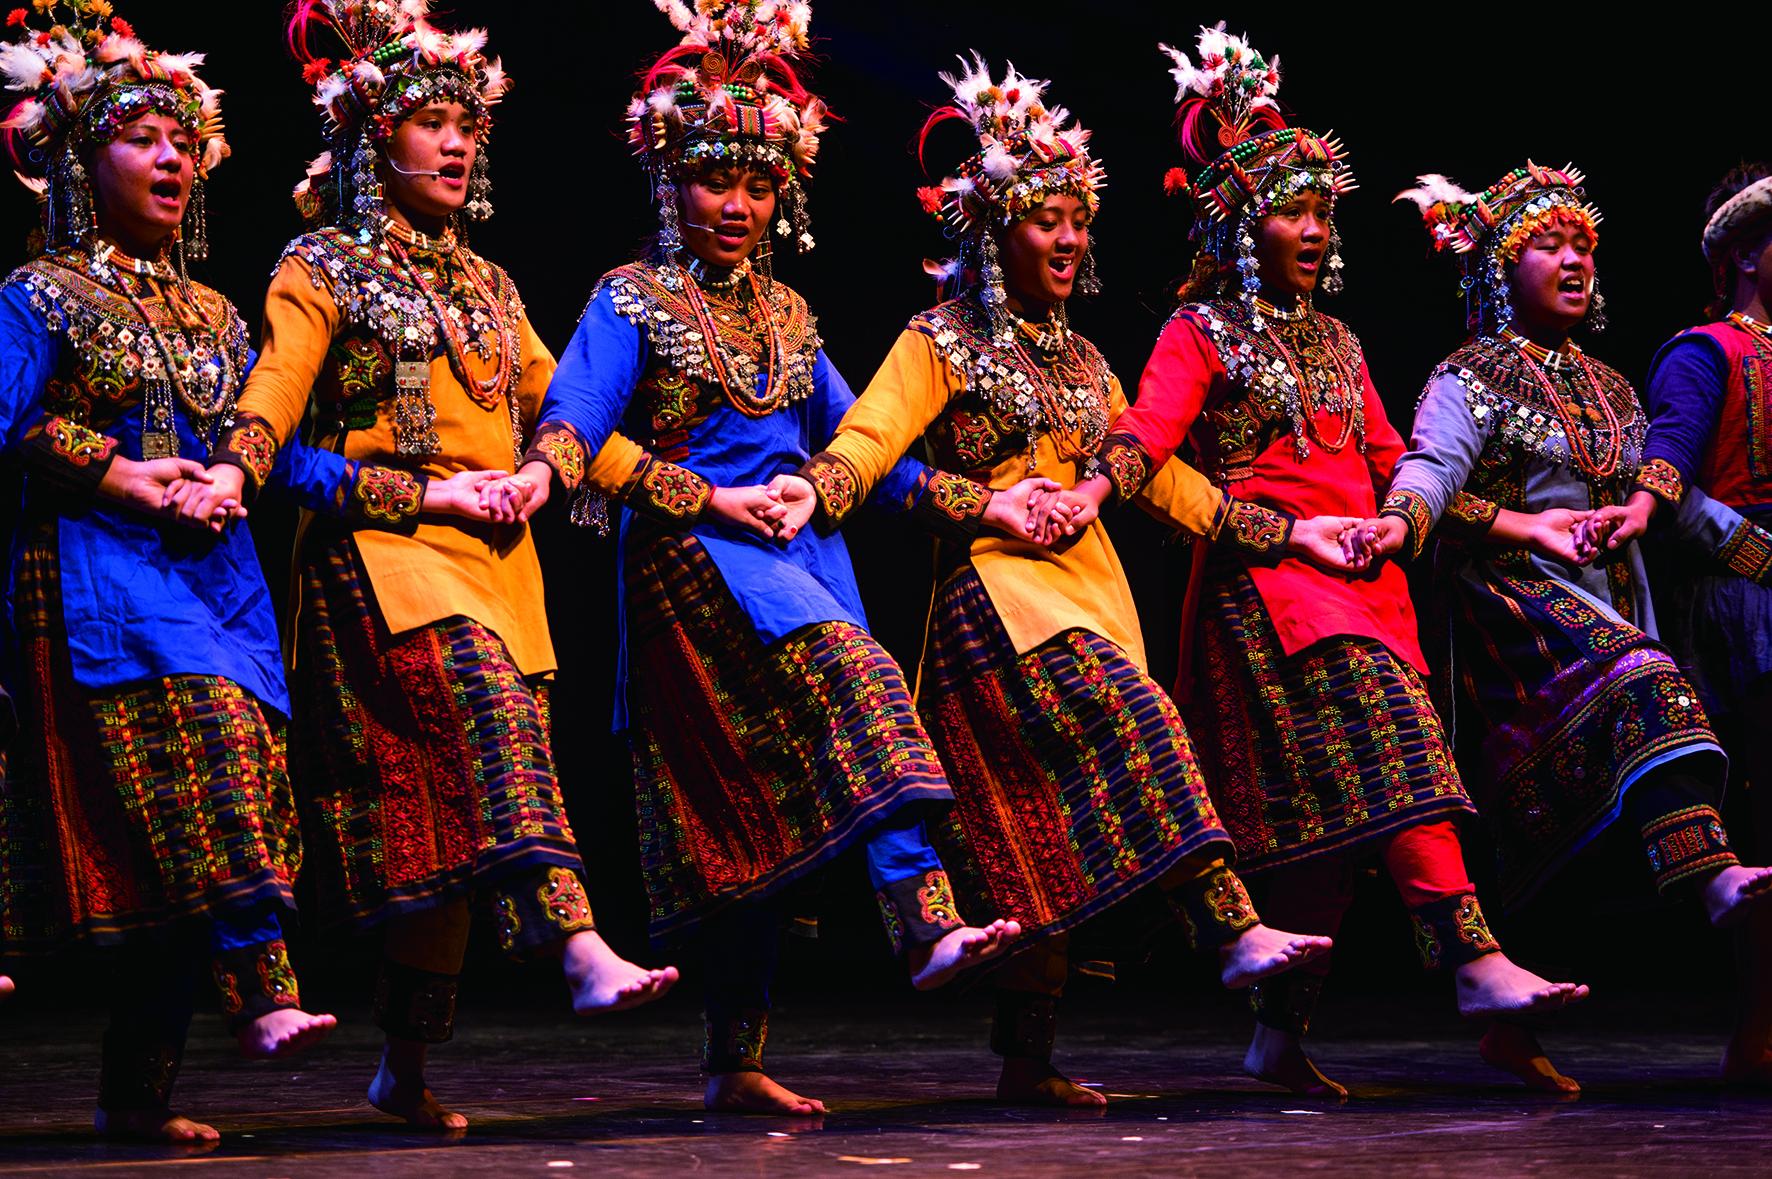 部落曾經歷一段文化模糊時代,多數部落族人都認為外面的東西比較好,透過民族教育開始讓孩子們清楚看到自己是誰,站上世界的舞台,讓團員發現自己文化藝術的美與價值 。.jpg